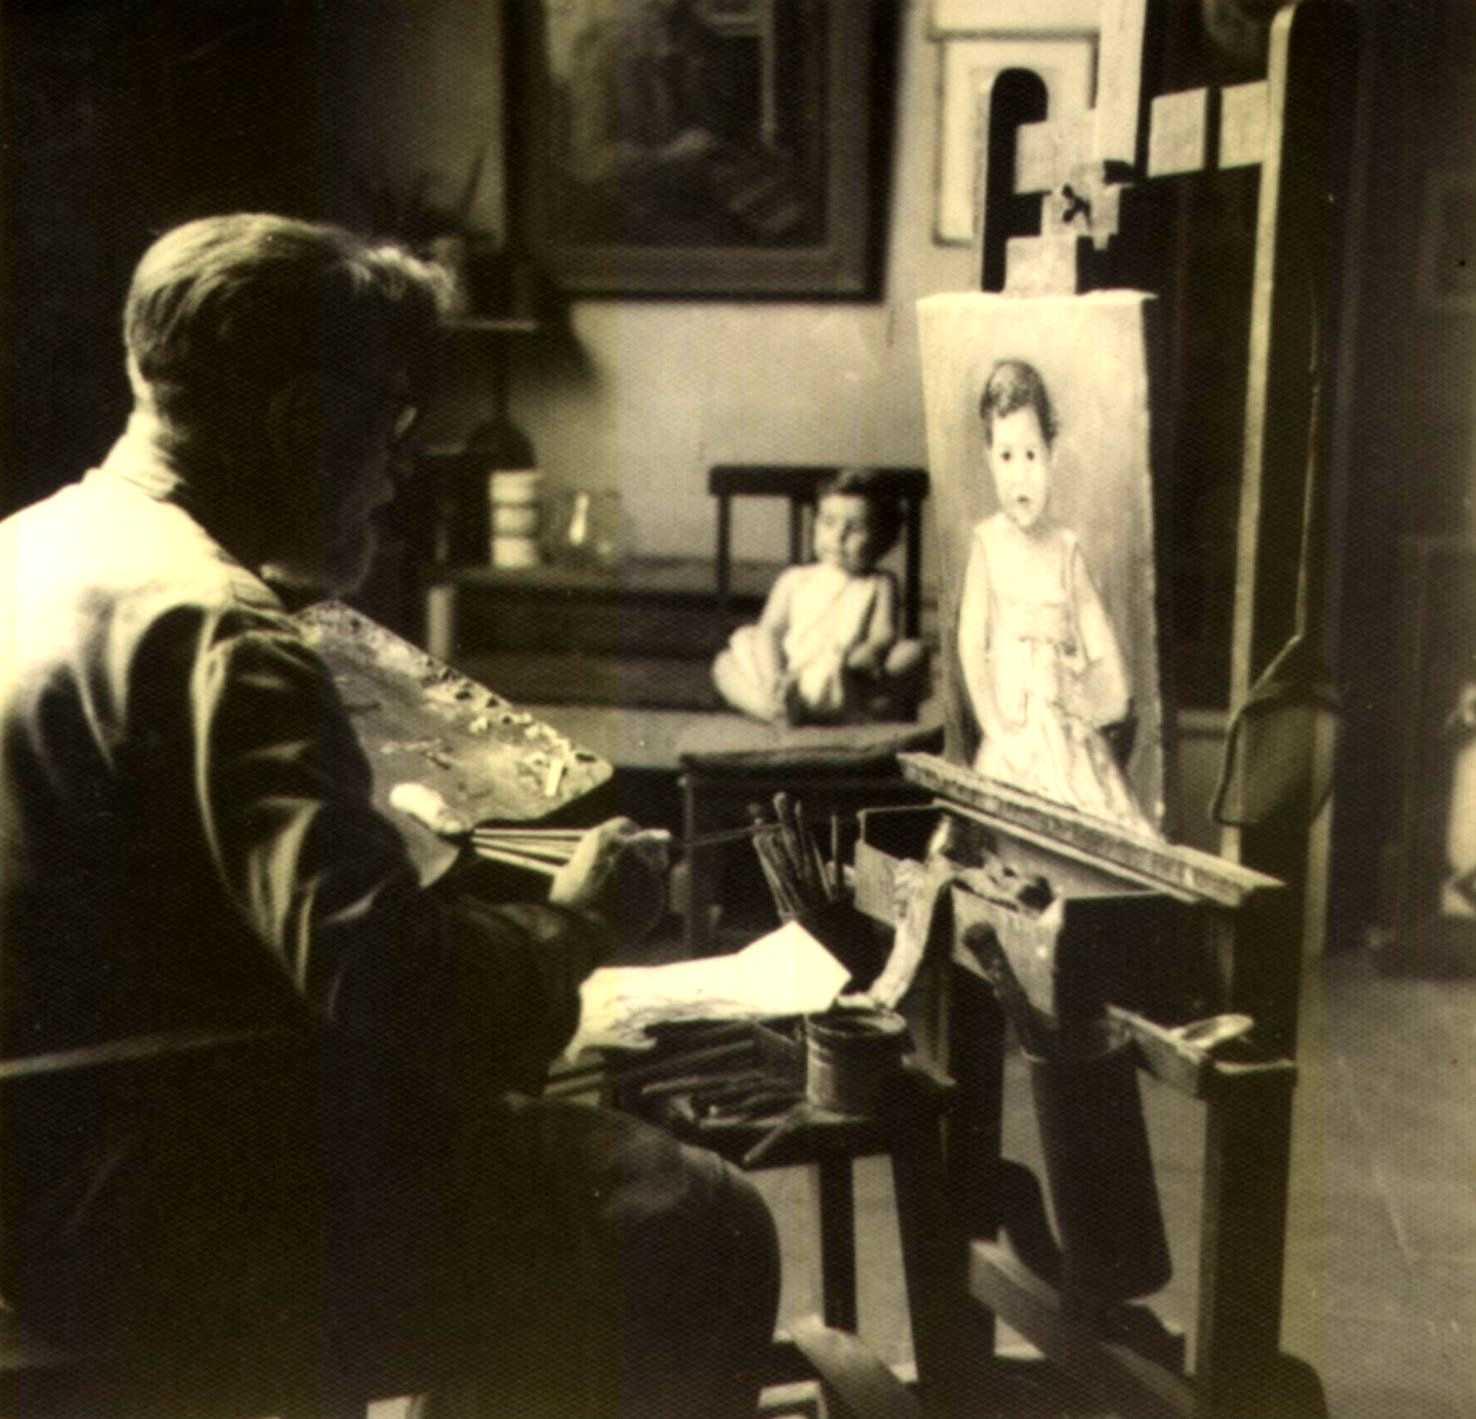 Gustavo Cochet realitzant el retrat de la futura poetessa Beatriz Vignoli (1966)